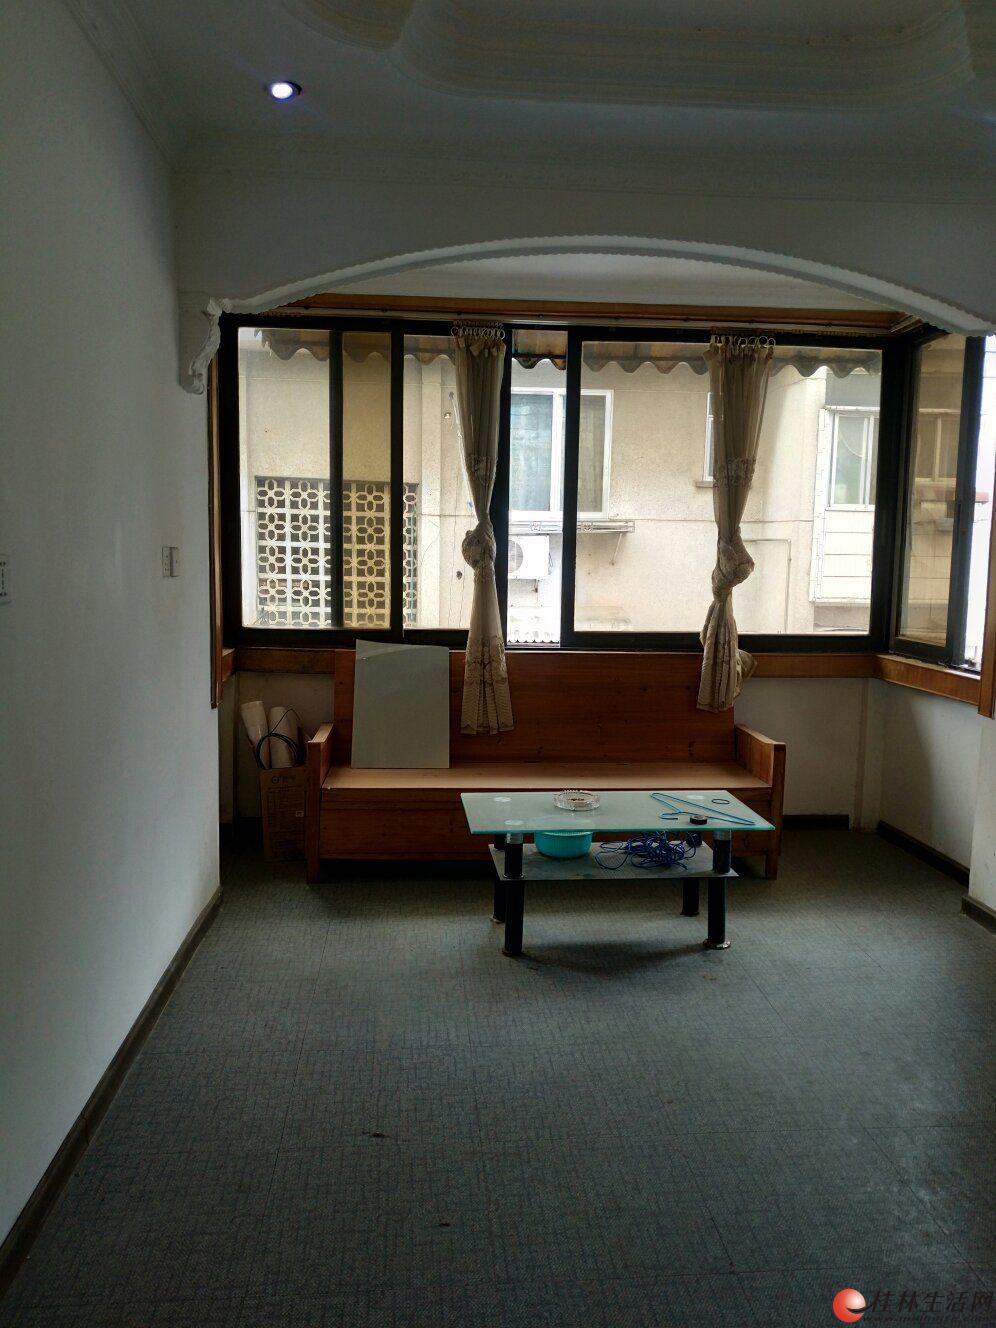 社公巷正阳路步行街旁,中华路学区房,2房1厅五楼小复式顶楼,家电家具全1600元月可议